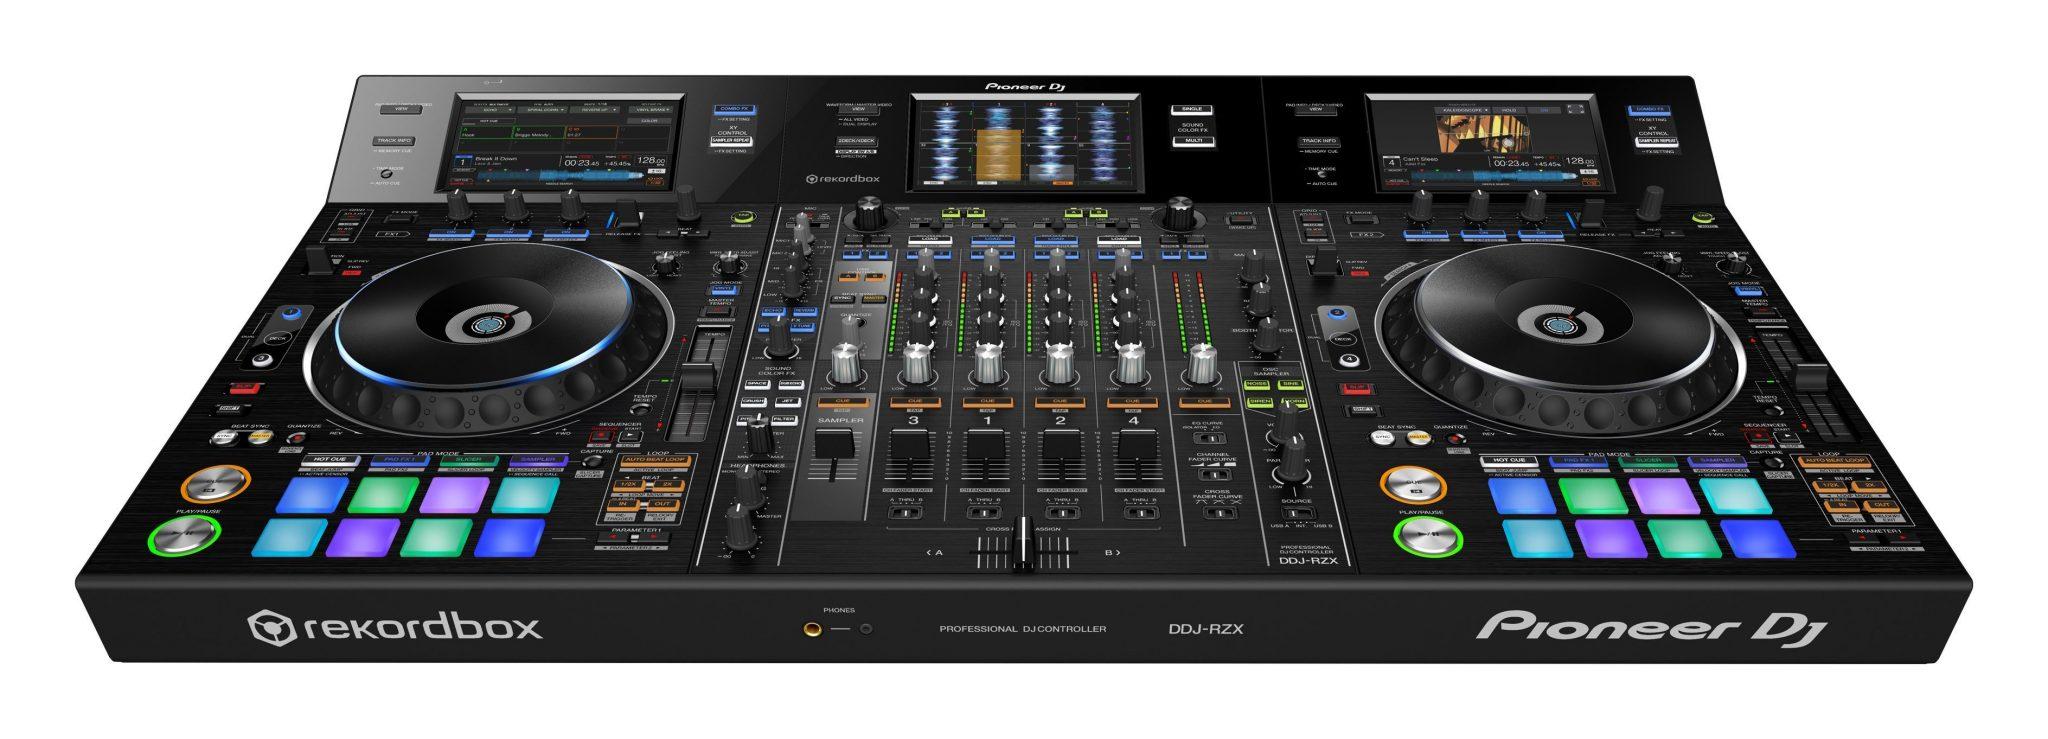 Mic drop pioneer dj ddj rzx screens and video djworx